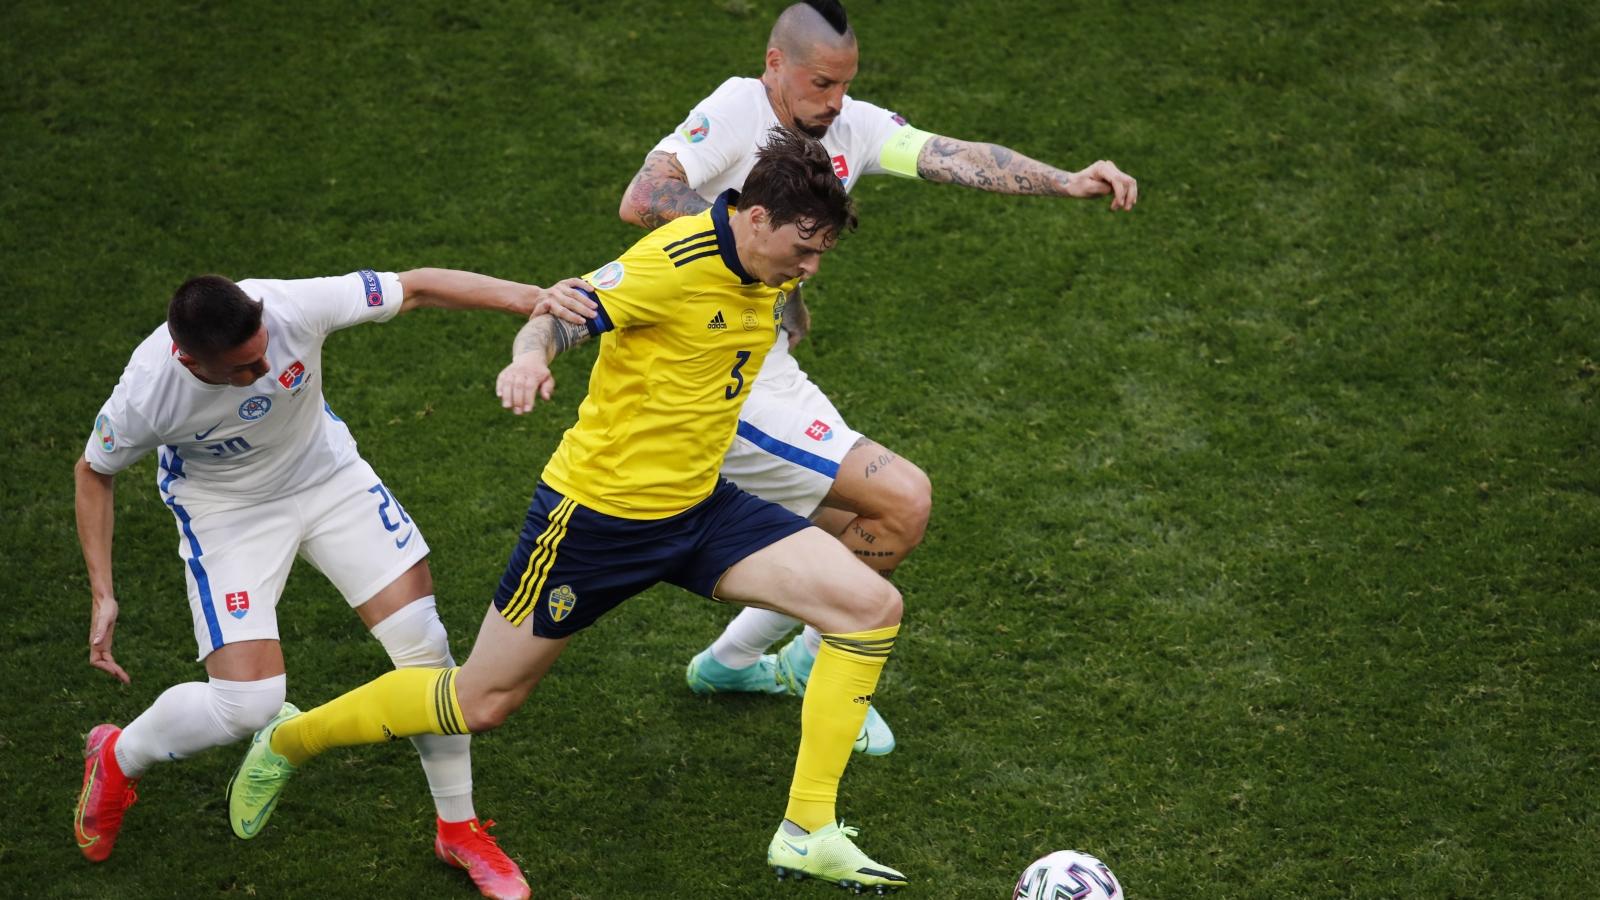 TRỰC TIẾP Thụy Điển 0-0 Slovakia: Hiệp 2 bắt đầu